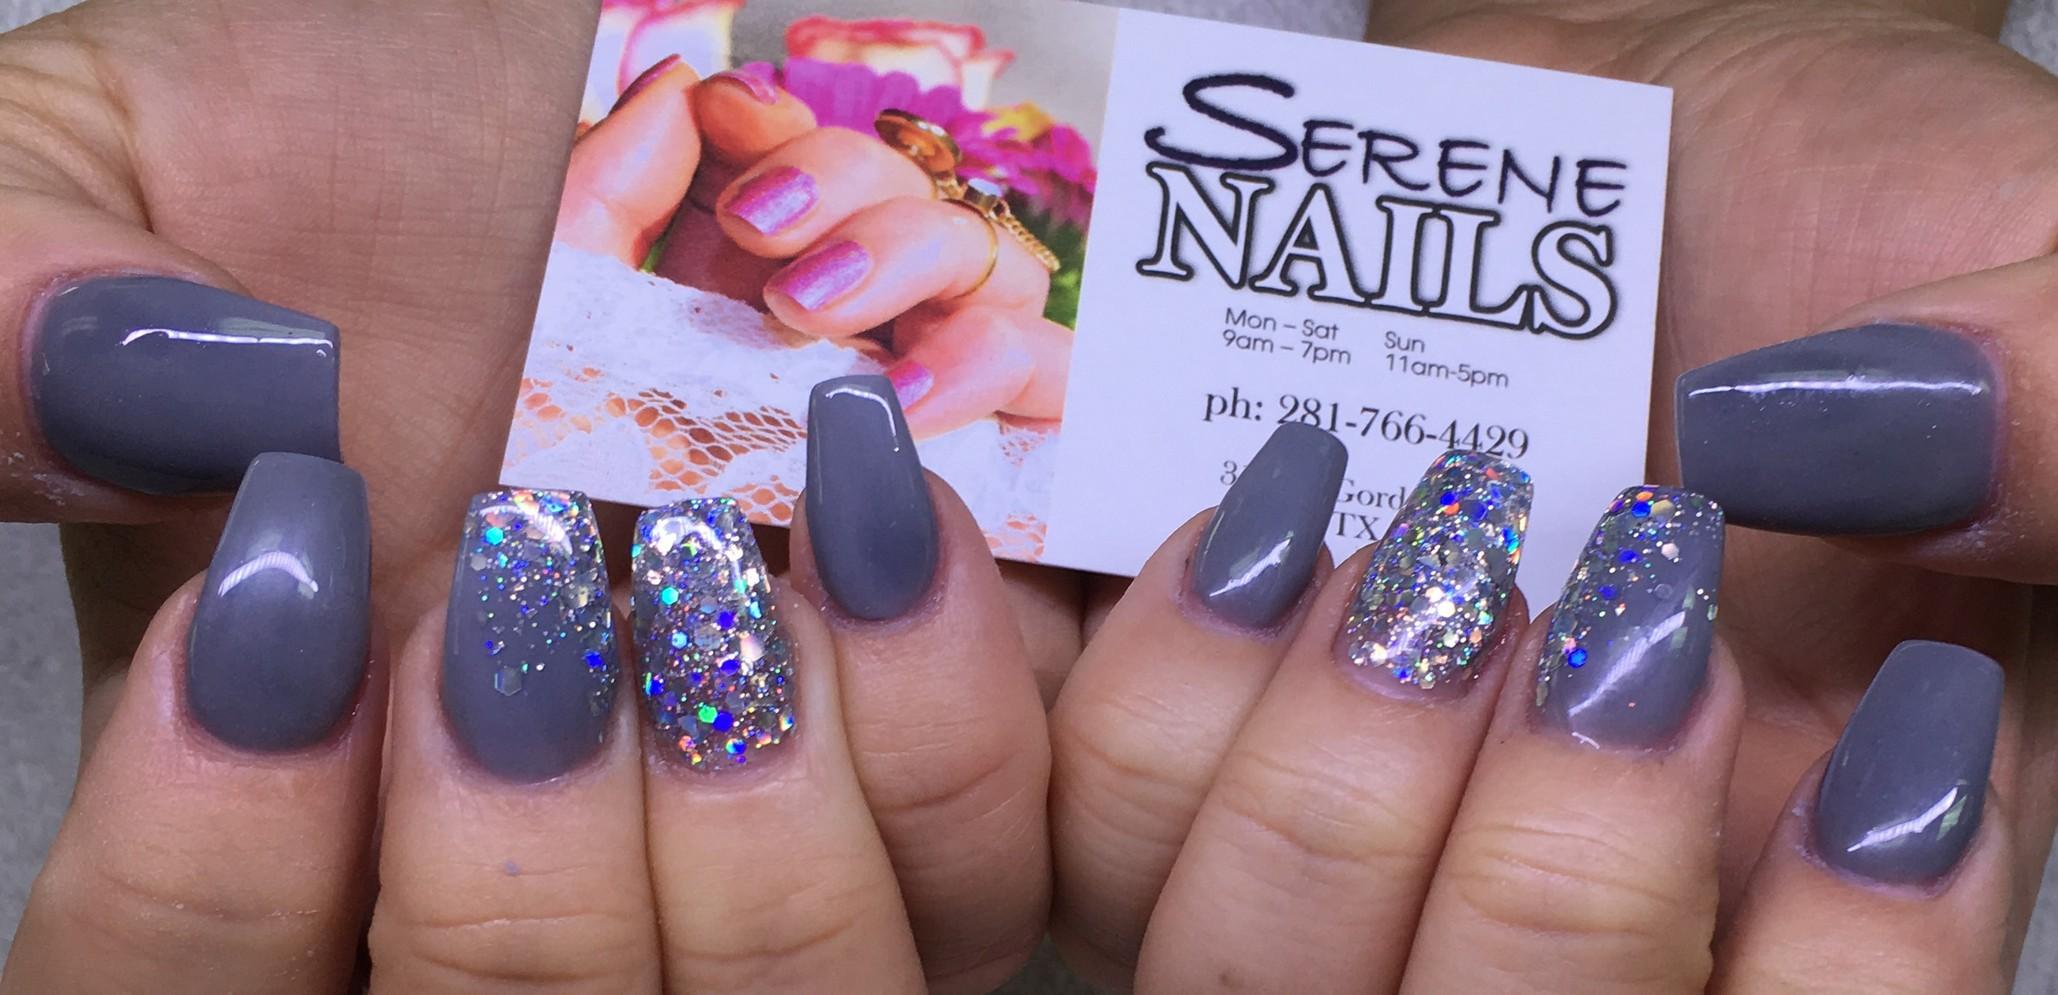 Serene Nails image 99